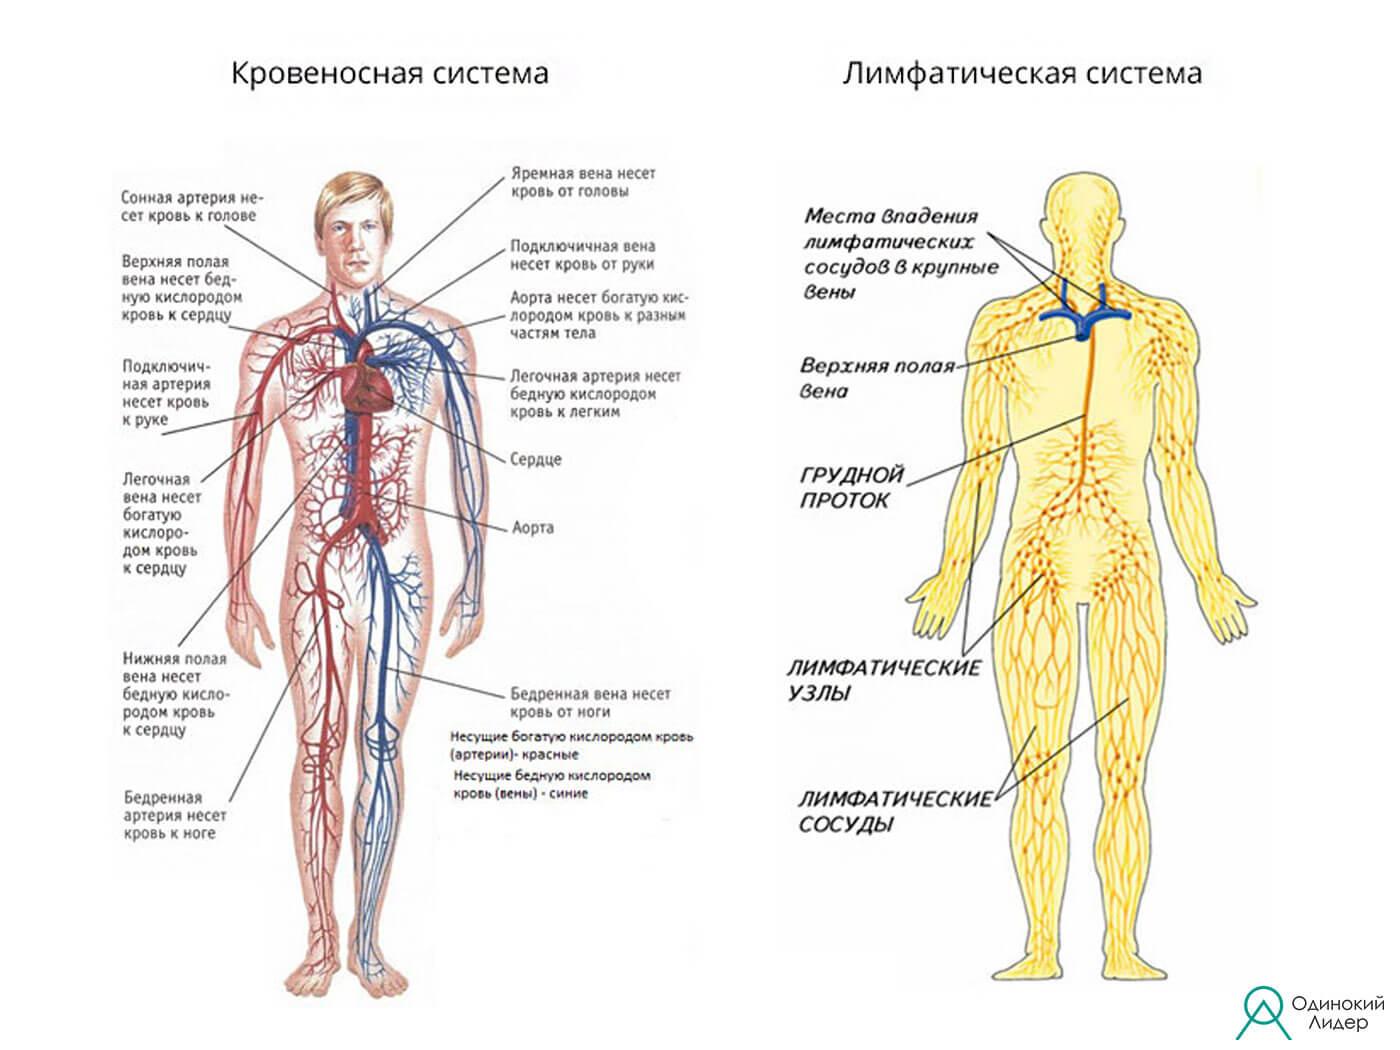 Сравнение крово. и лимфа. систем.